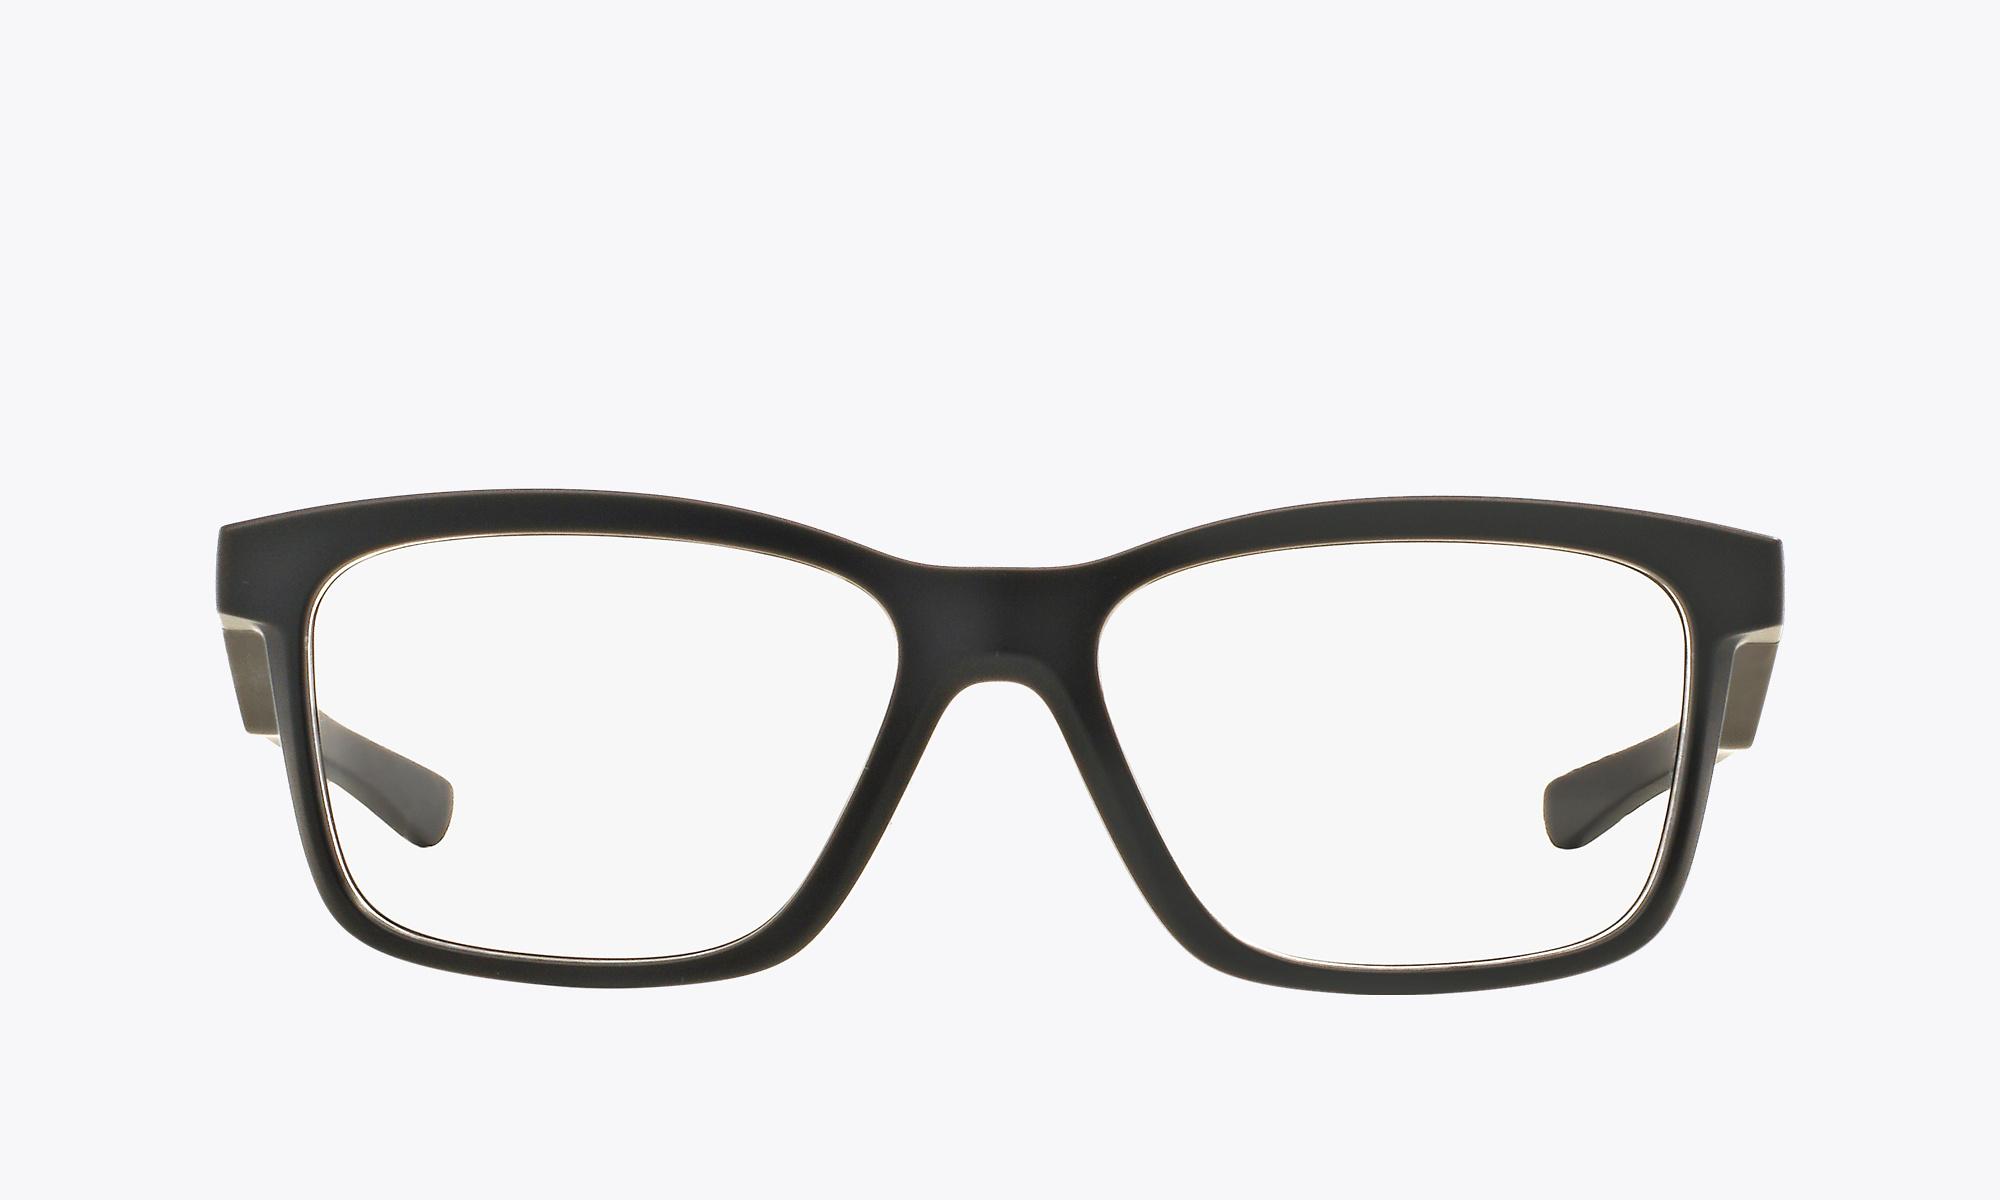 Image of Oakley FENCELINE color Black